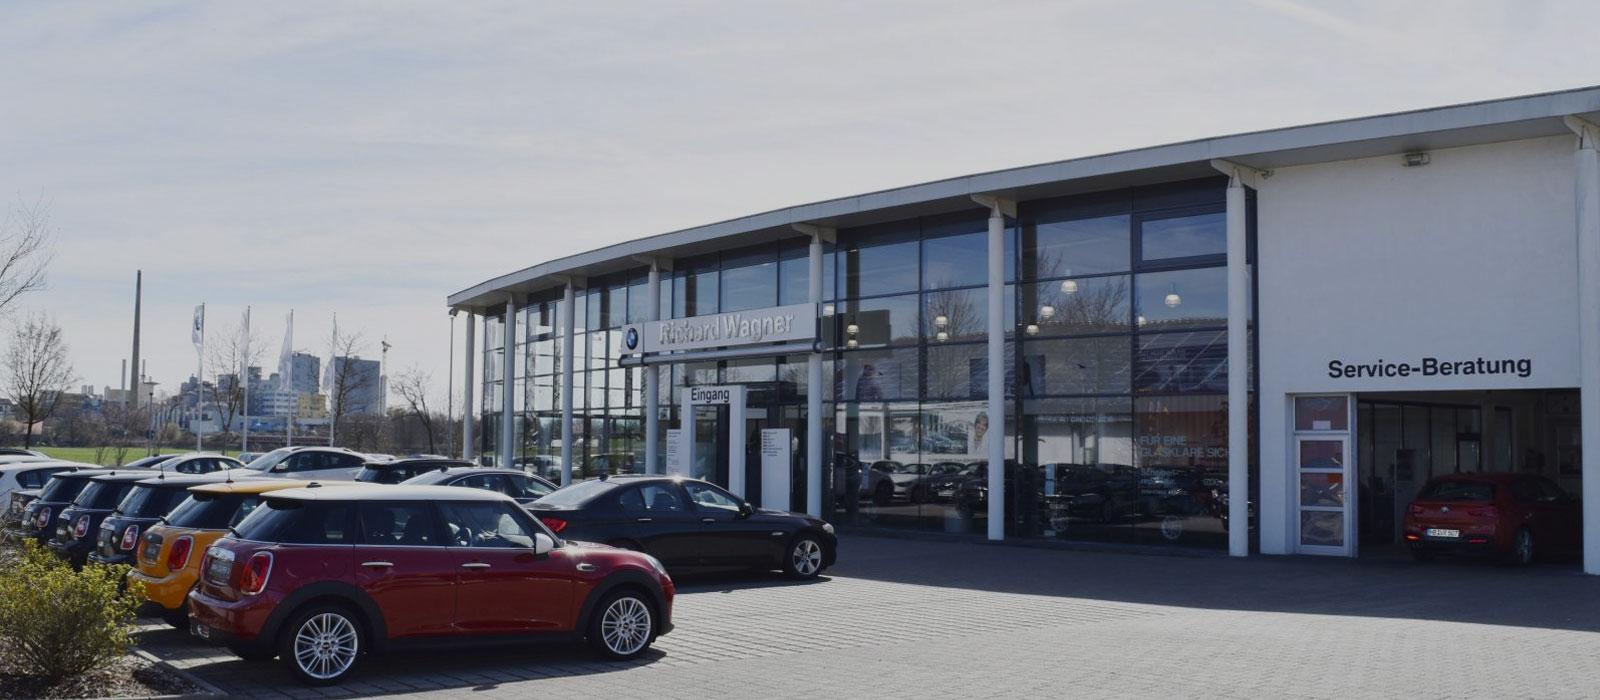 BMW Wagner - Standort Wasserburg